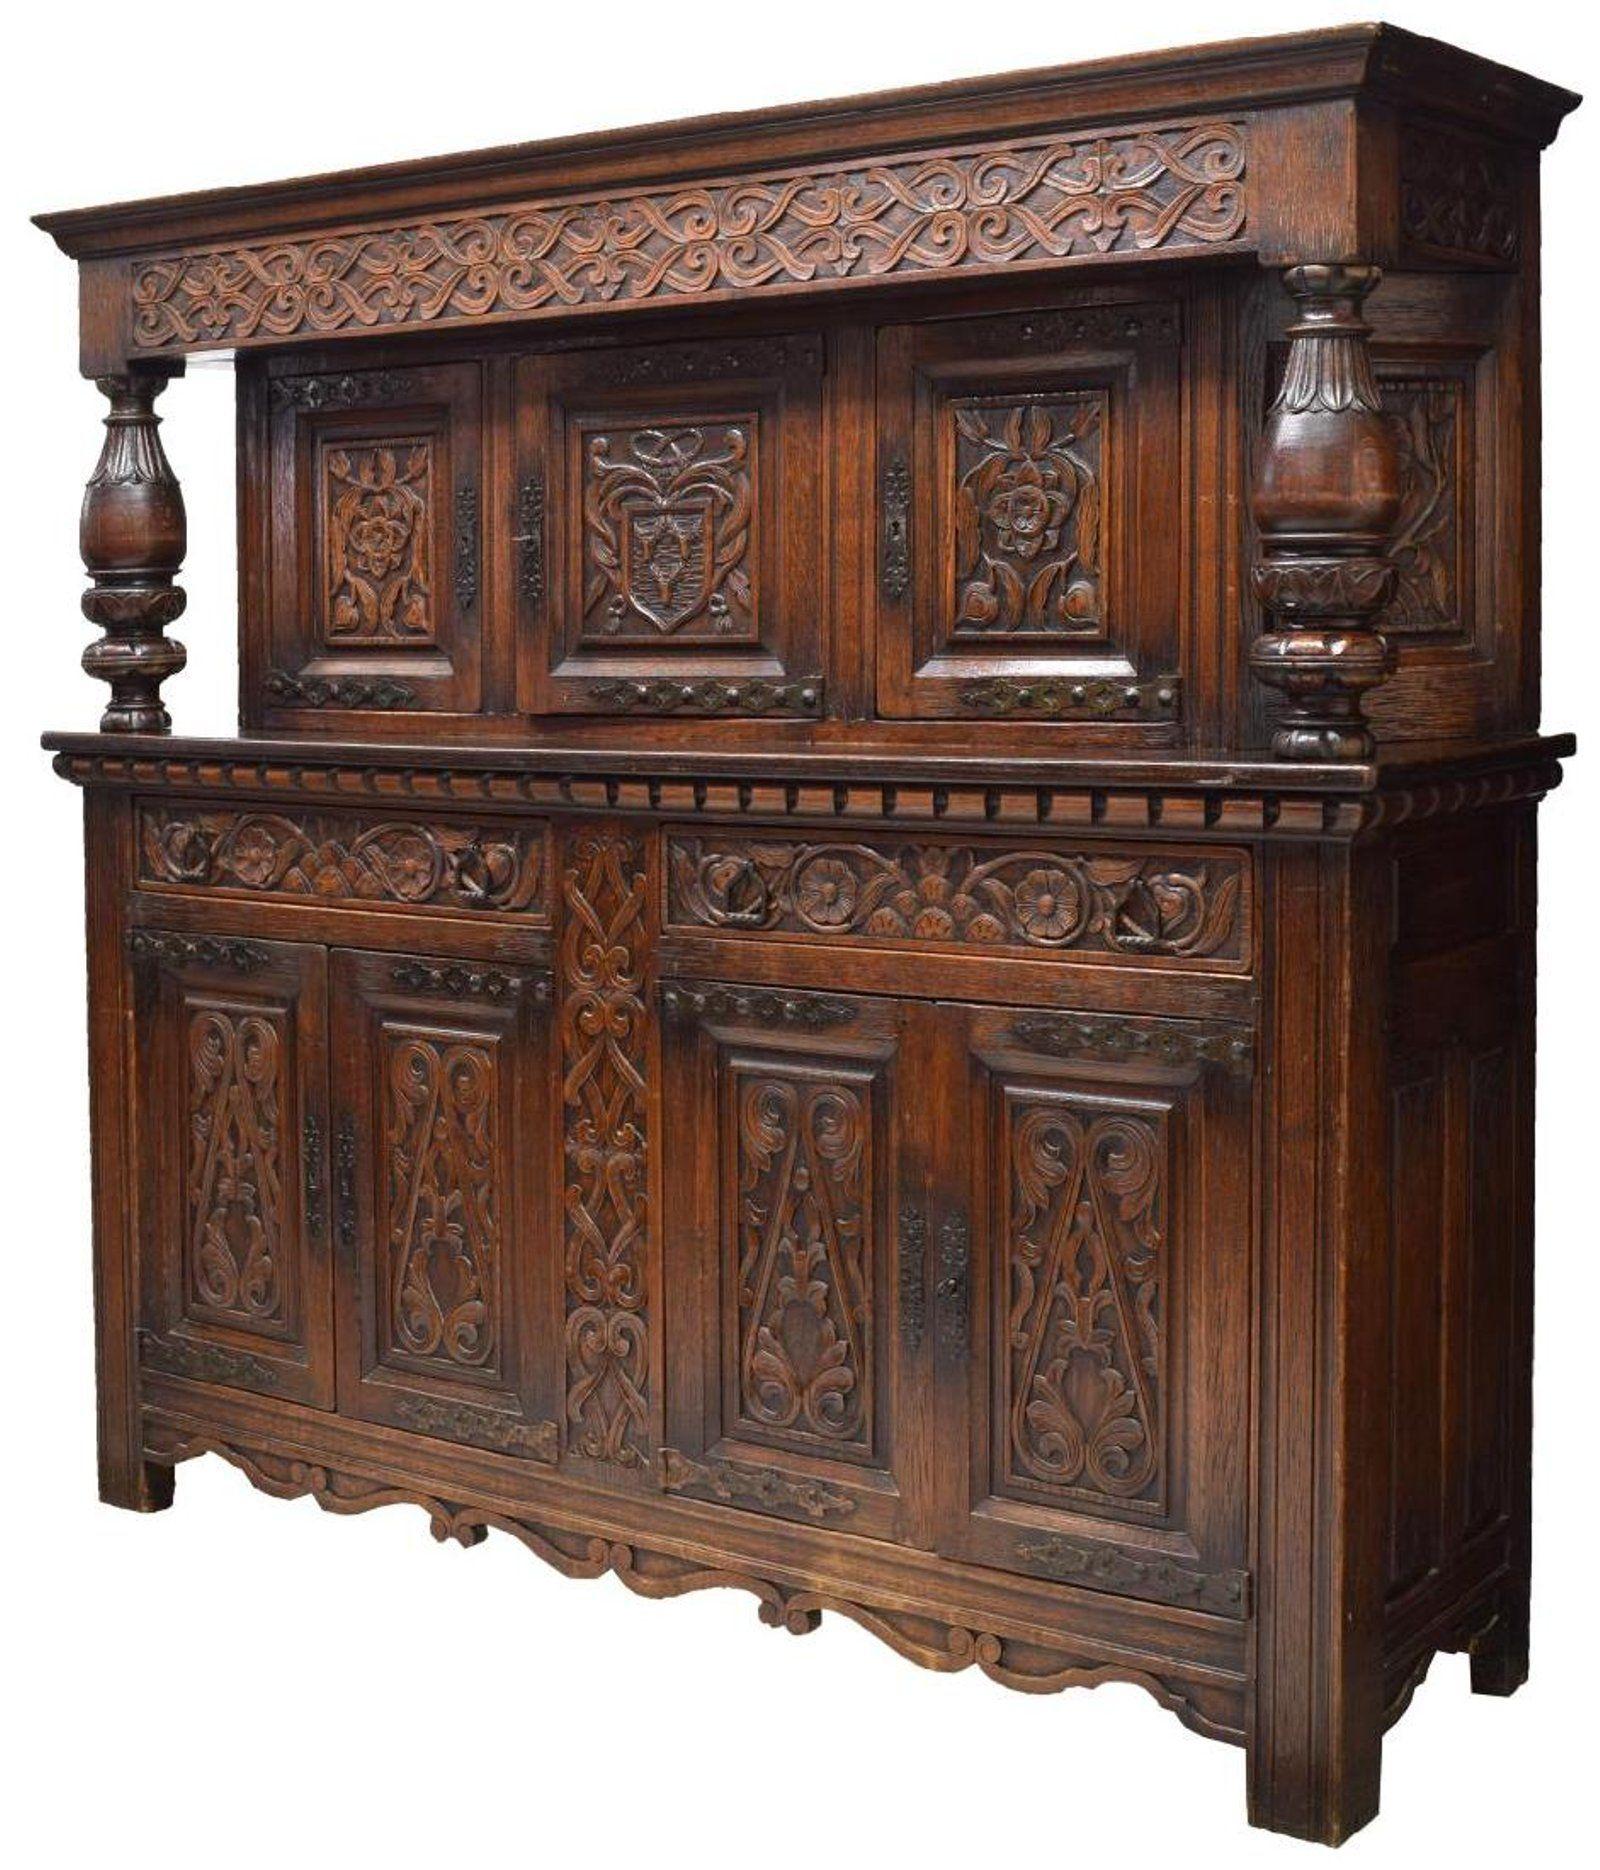 French Renaissance Revival Carved Oak Sideboard Oak Sideboard